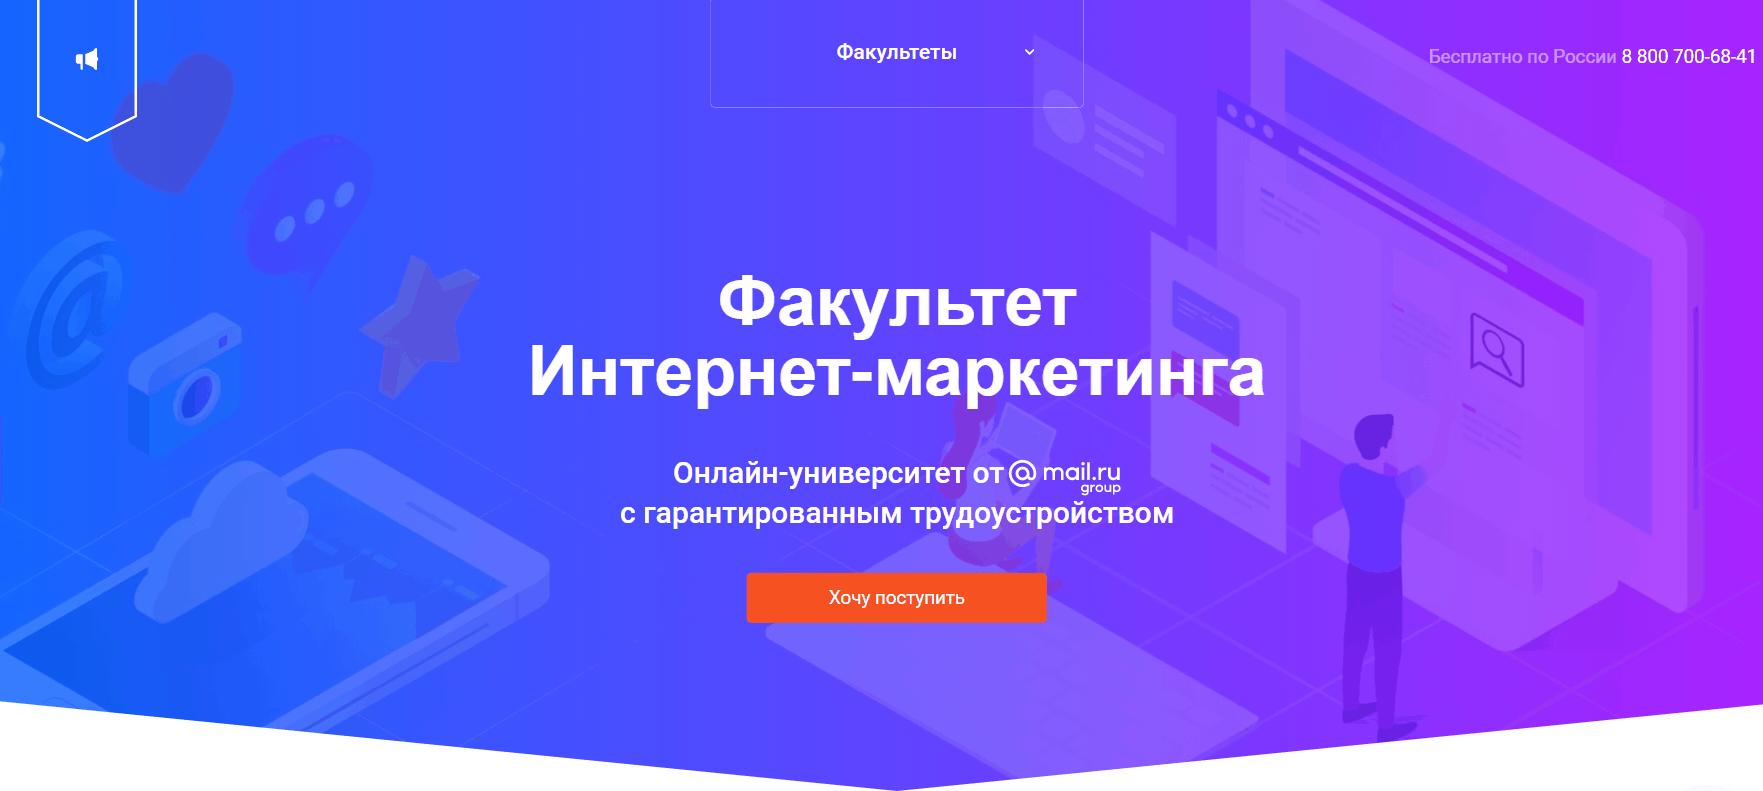 Факультет интернет-маркетинга от Geekbrains и mail.ru